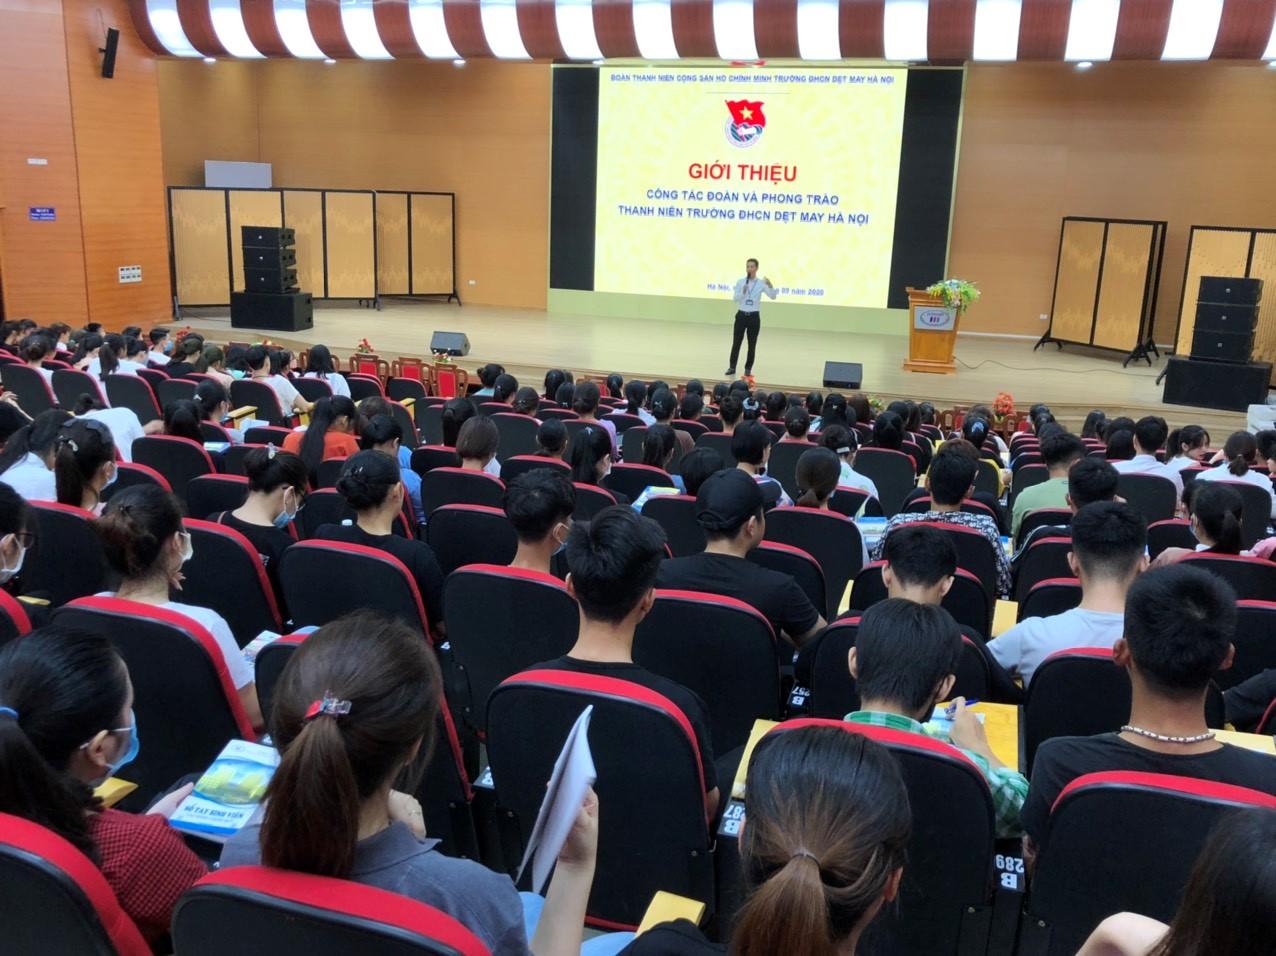 Đoàn thanh niên HTU giới thiệu công tác Đoàn và phong trào thanh niên cho tân sinh viên đợt 1 năm 2020